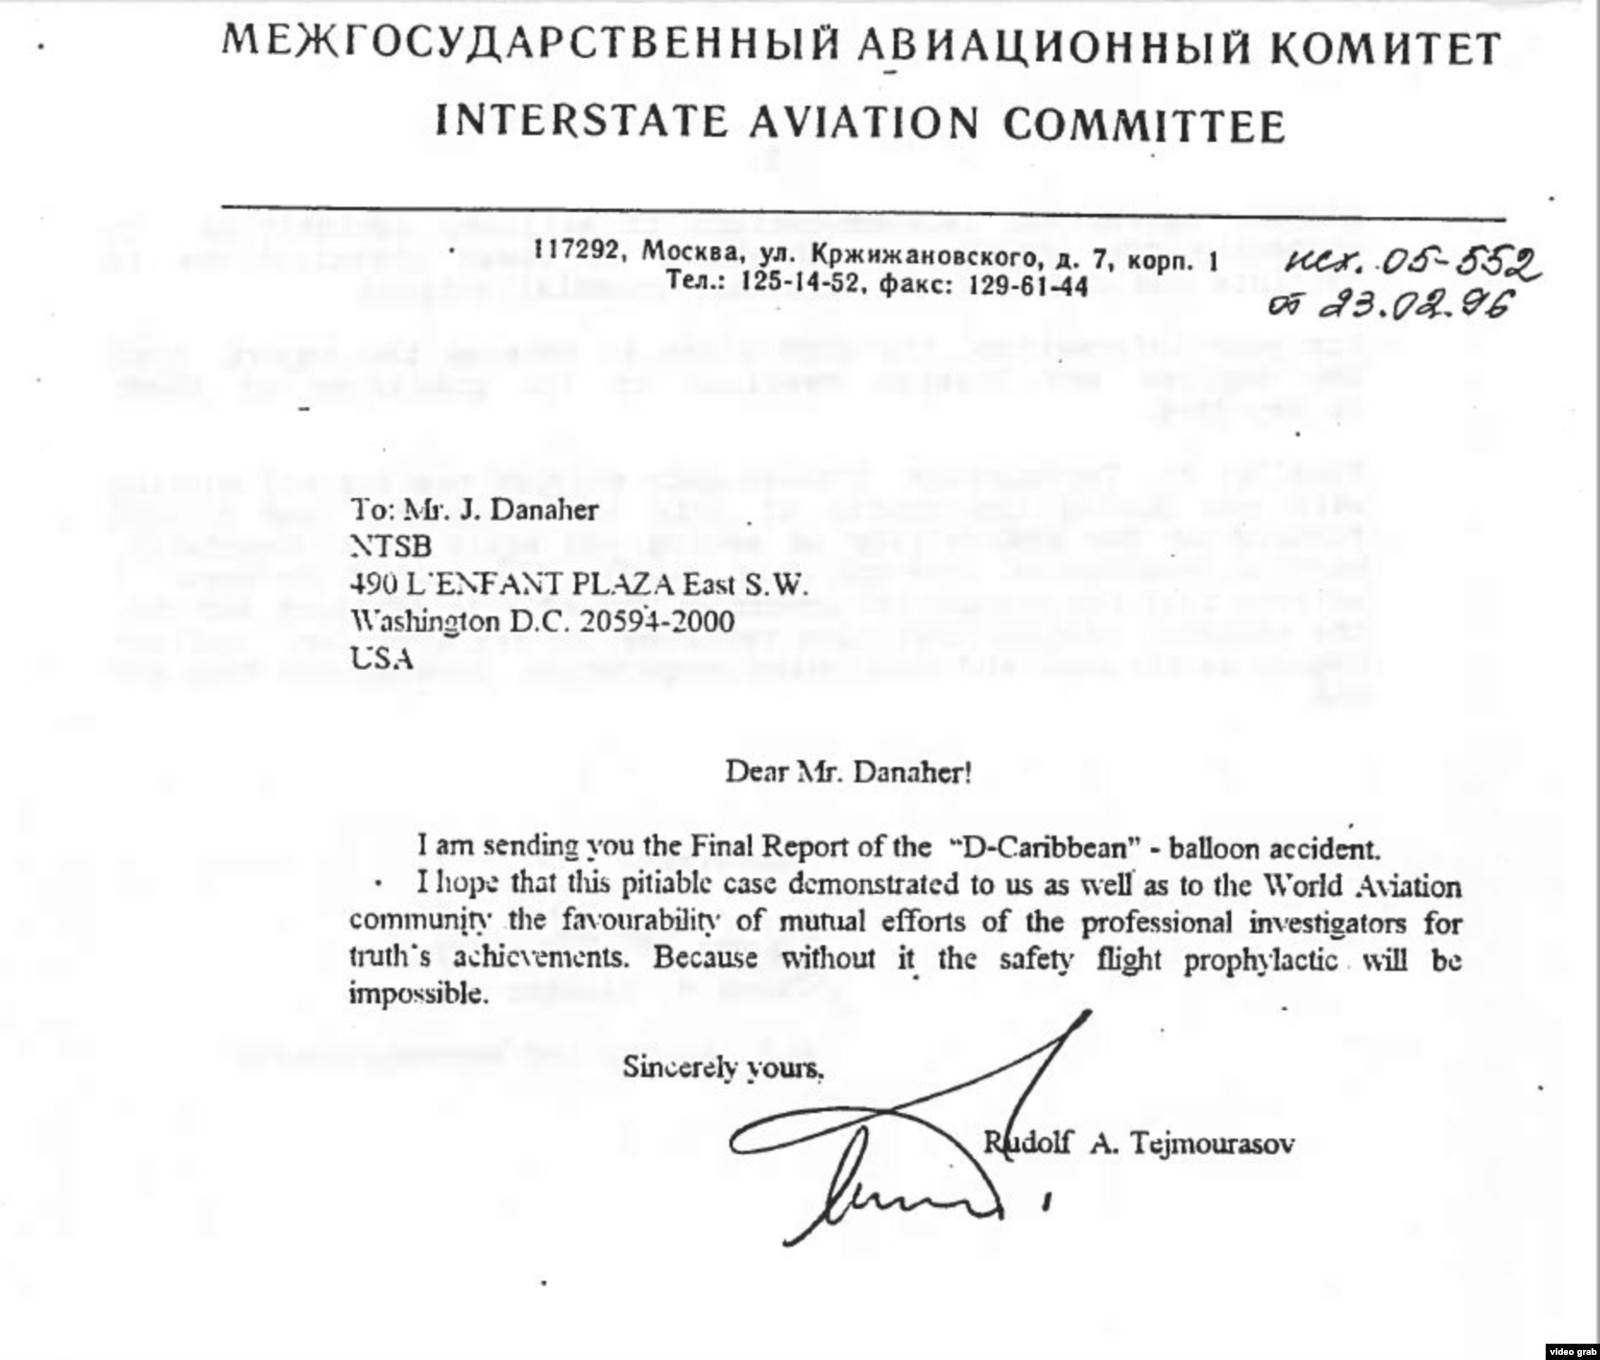 Письмо председателя комиссии по безопасности полетов МАК Рудольфа Теймуразова, сопровождавшее итоговый отчет МАК